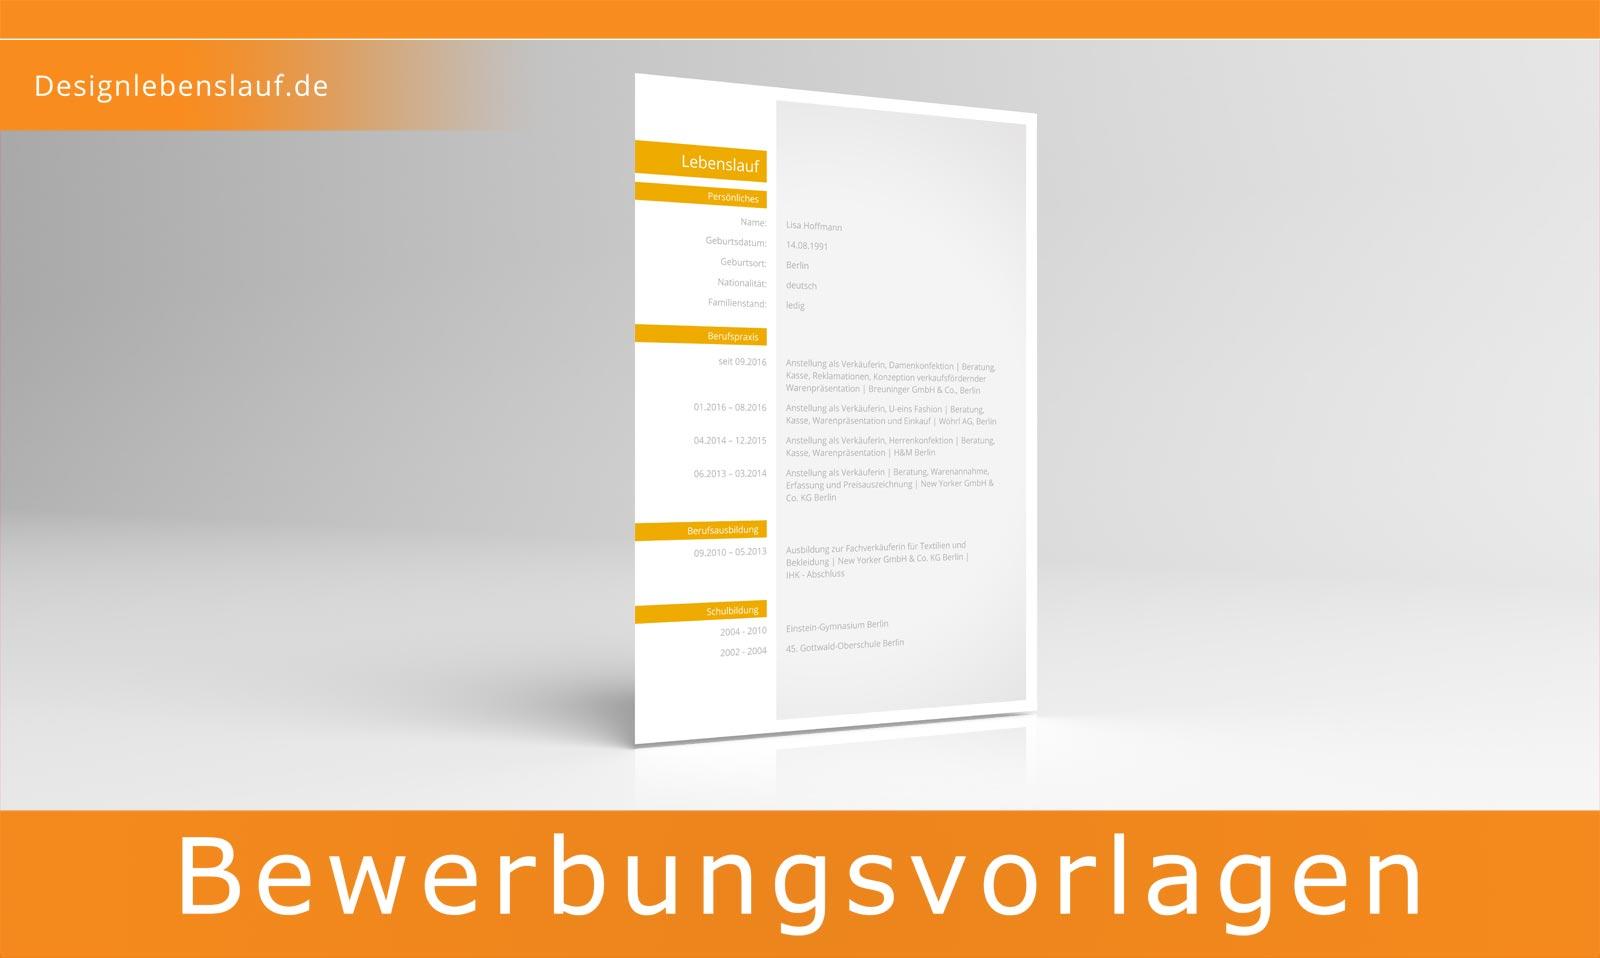 tabellarischer-lebenslauf-vorlage-pdf.jpg